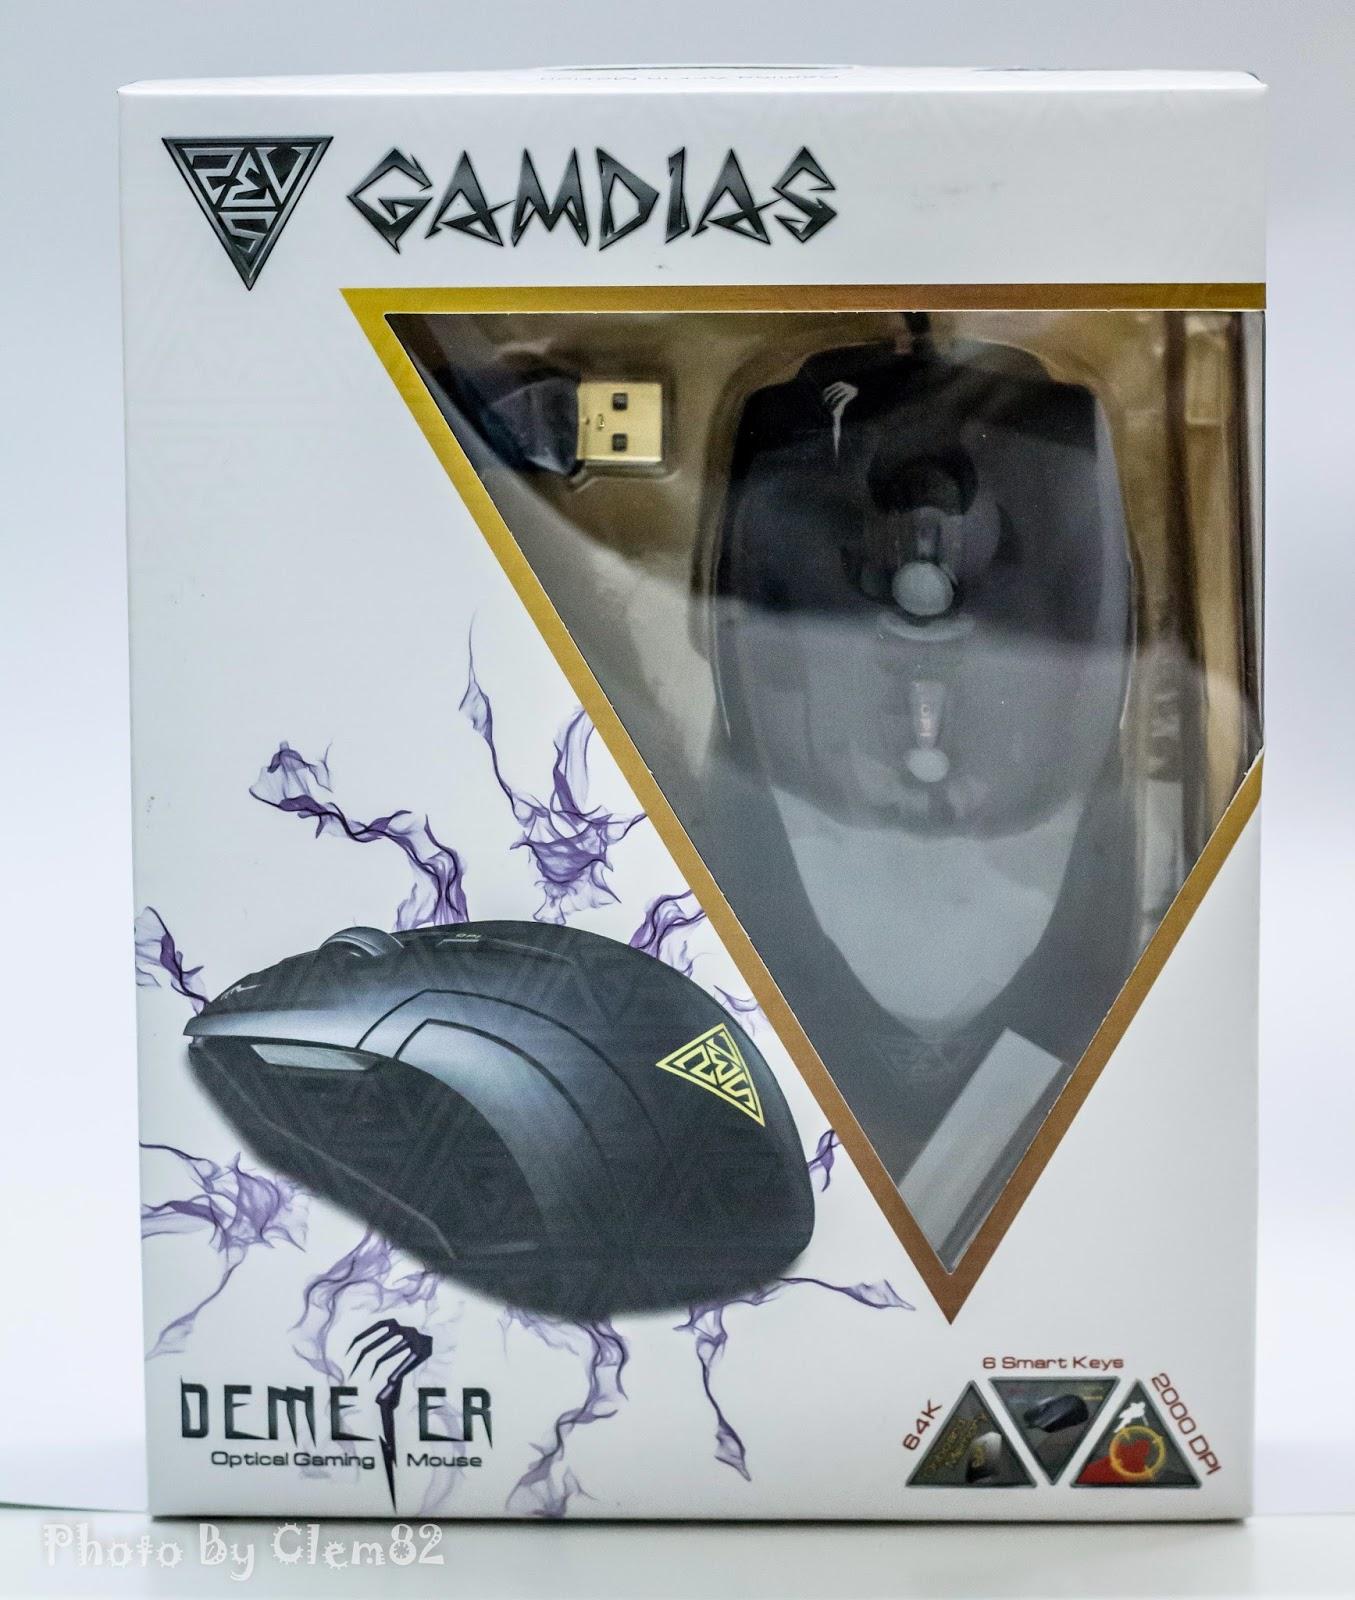 Gamdias Demeter Optical Gaming Mouse 1